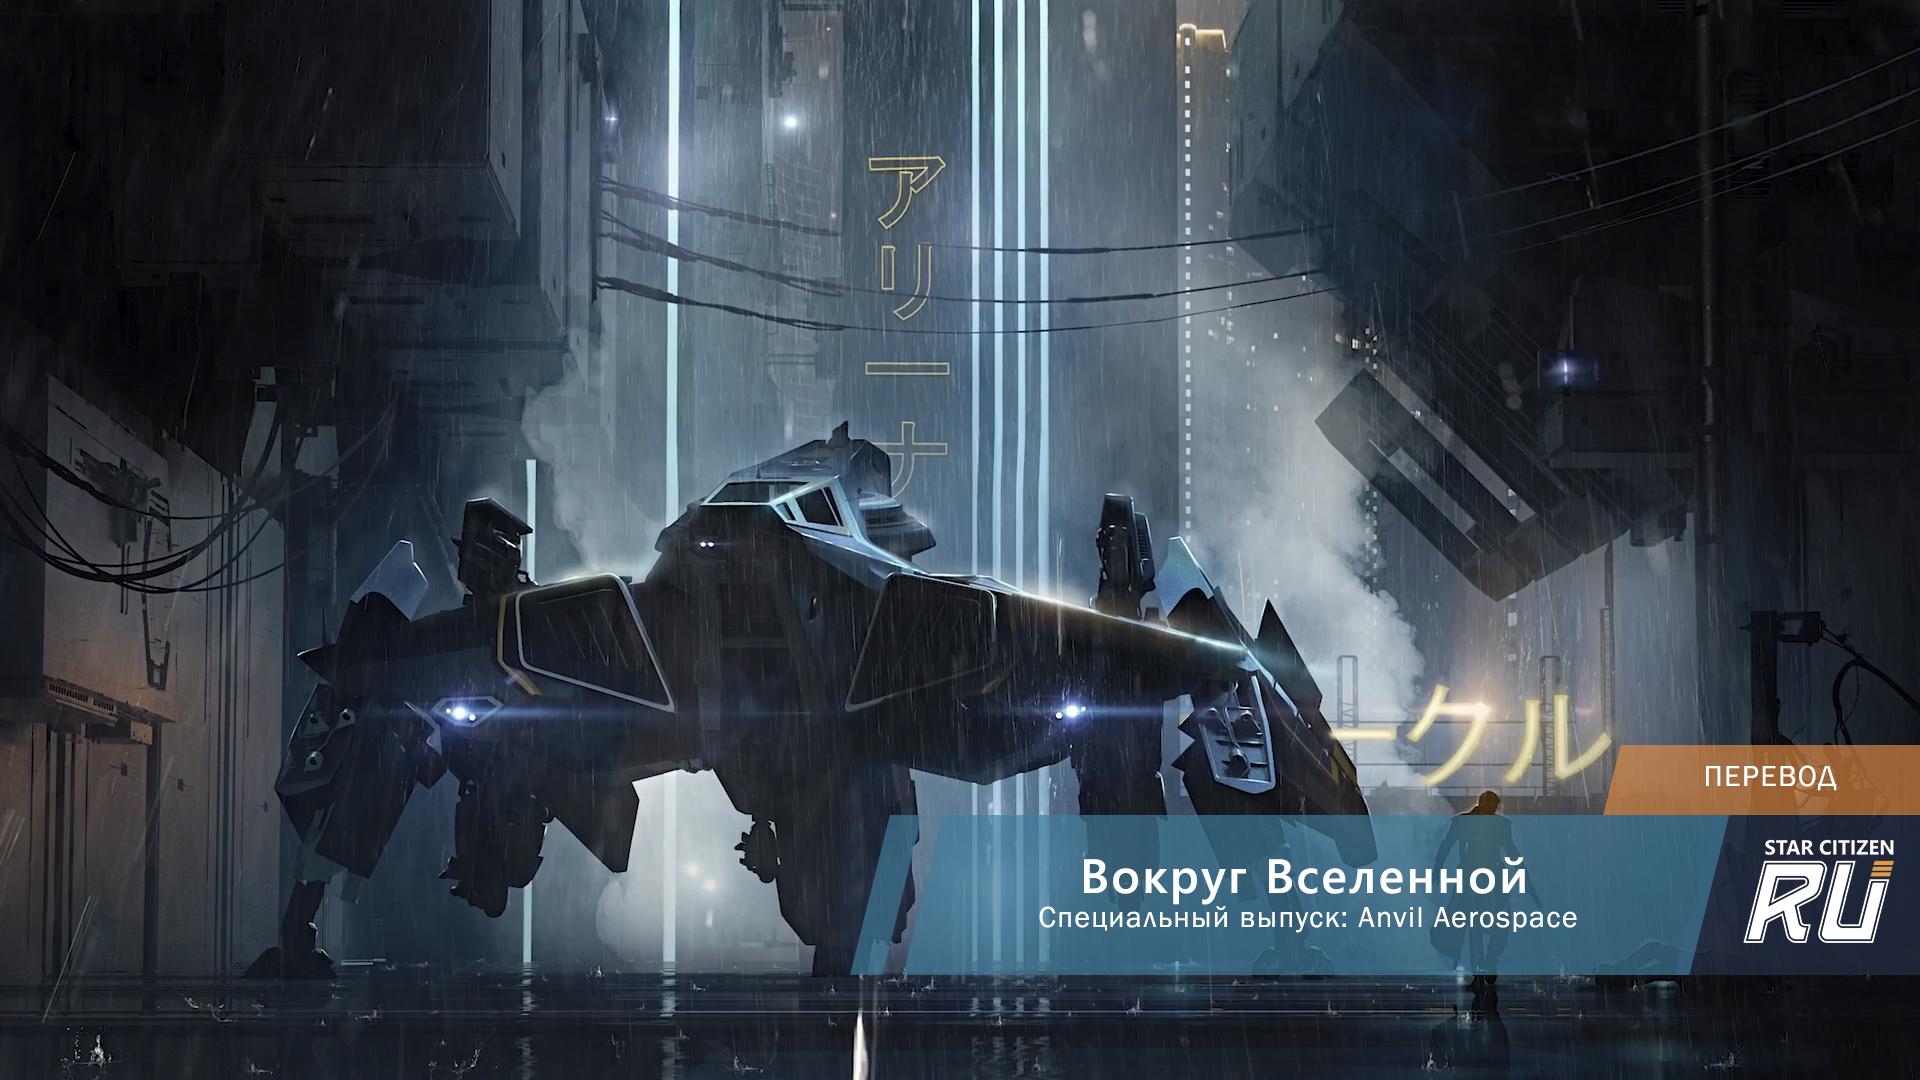 Вокруг Вселенной - специальный выпуск: Anvil Aerospace